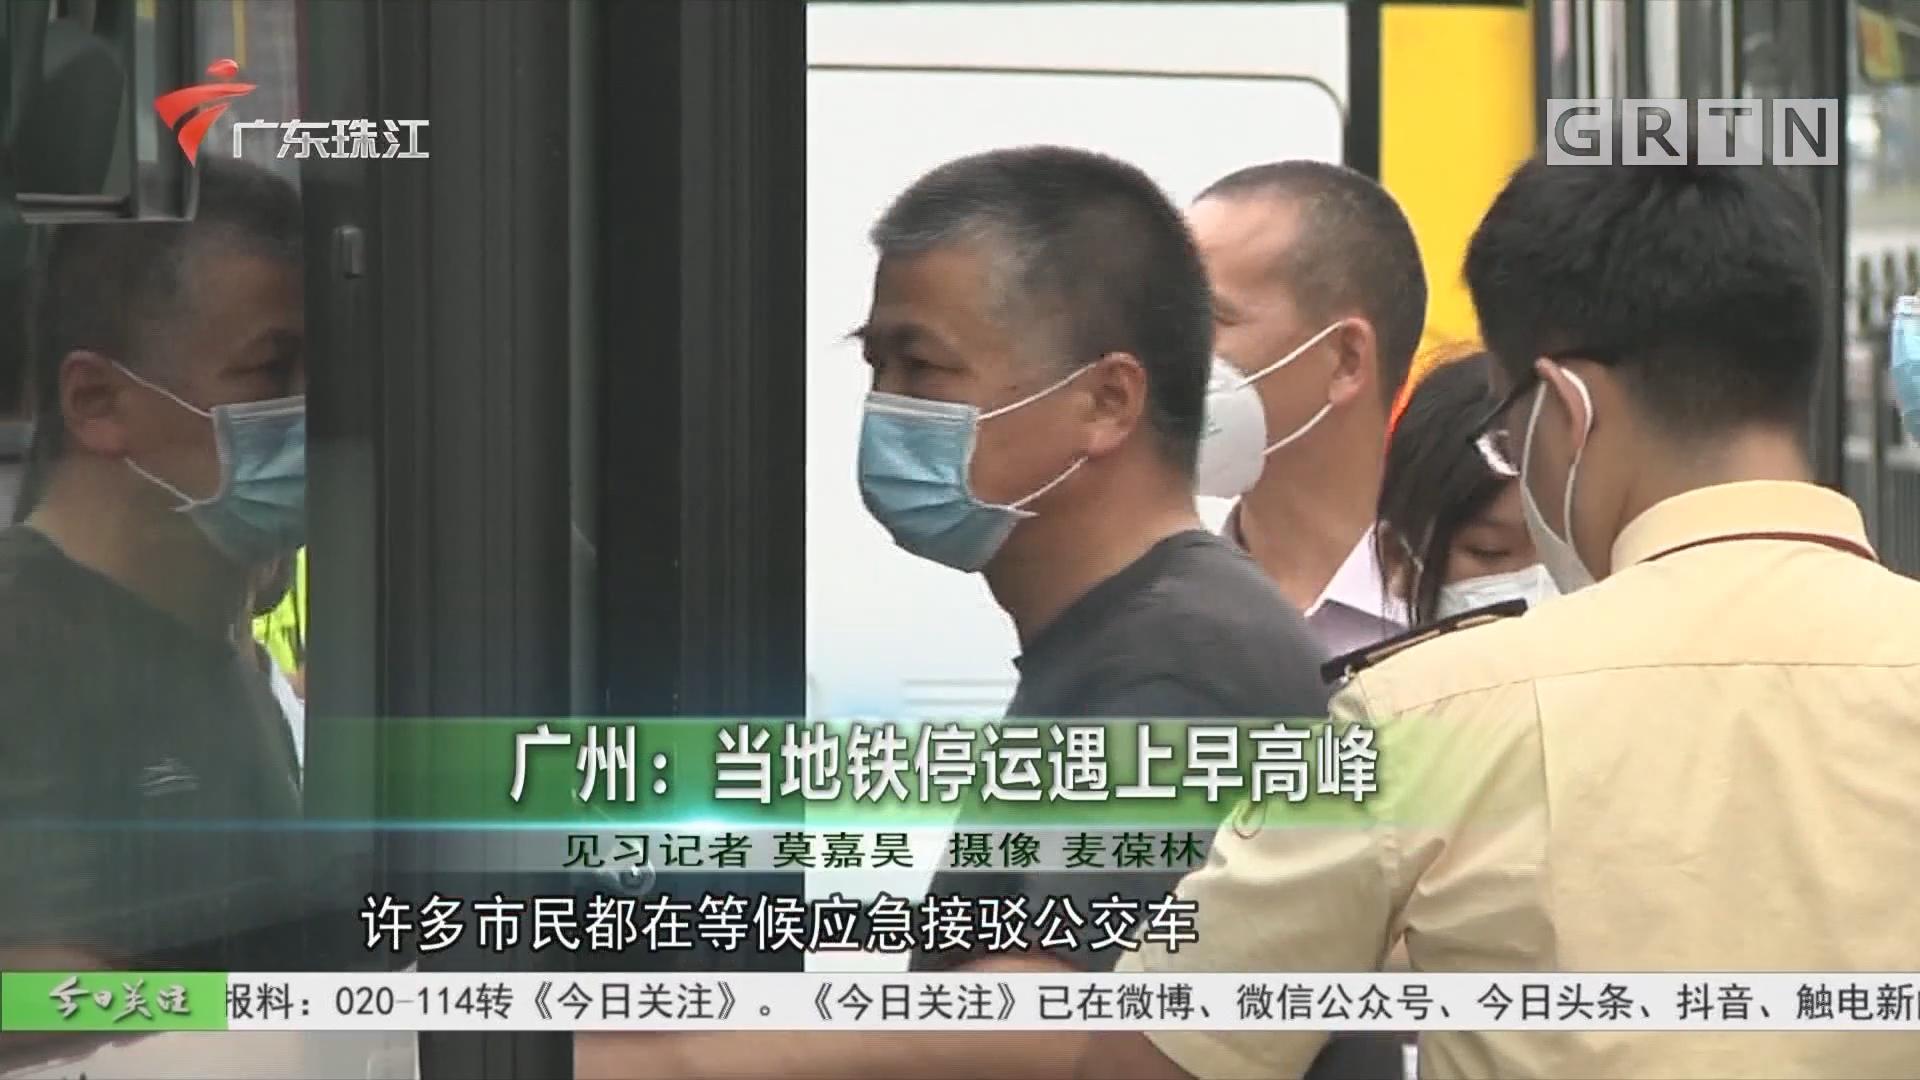 广州:当地铁停运遇上早高峰